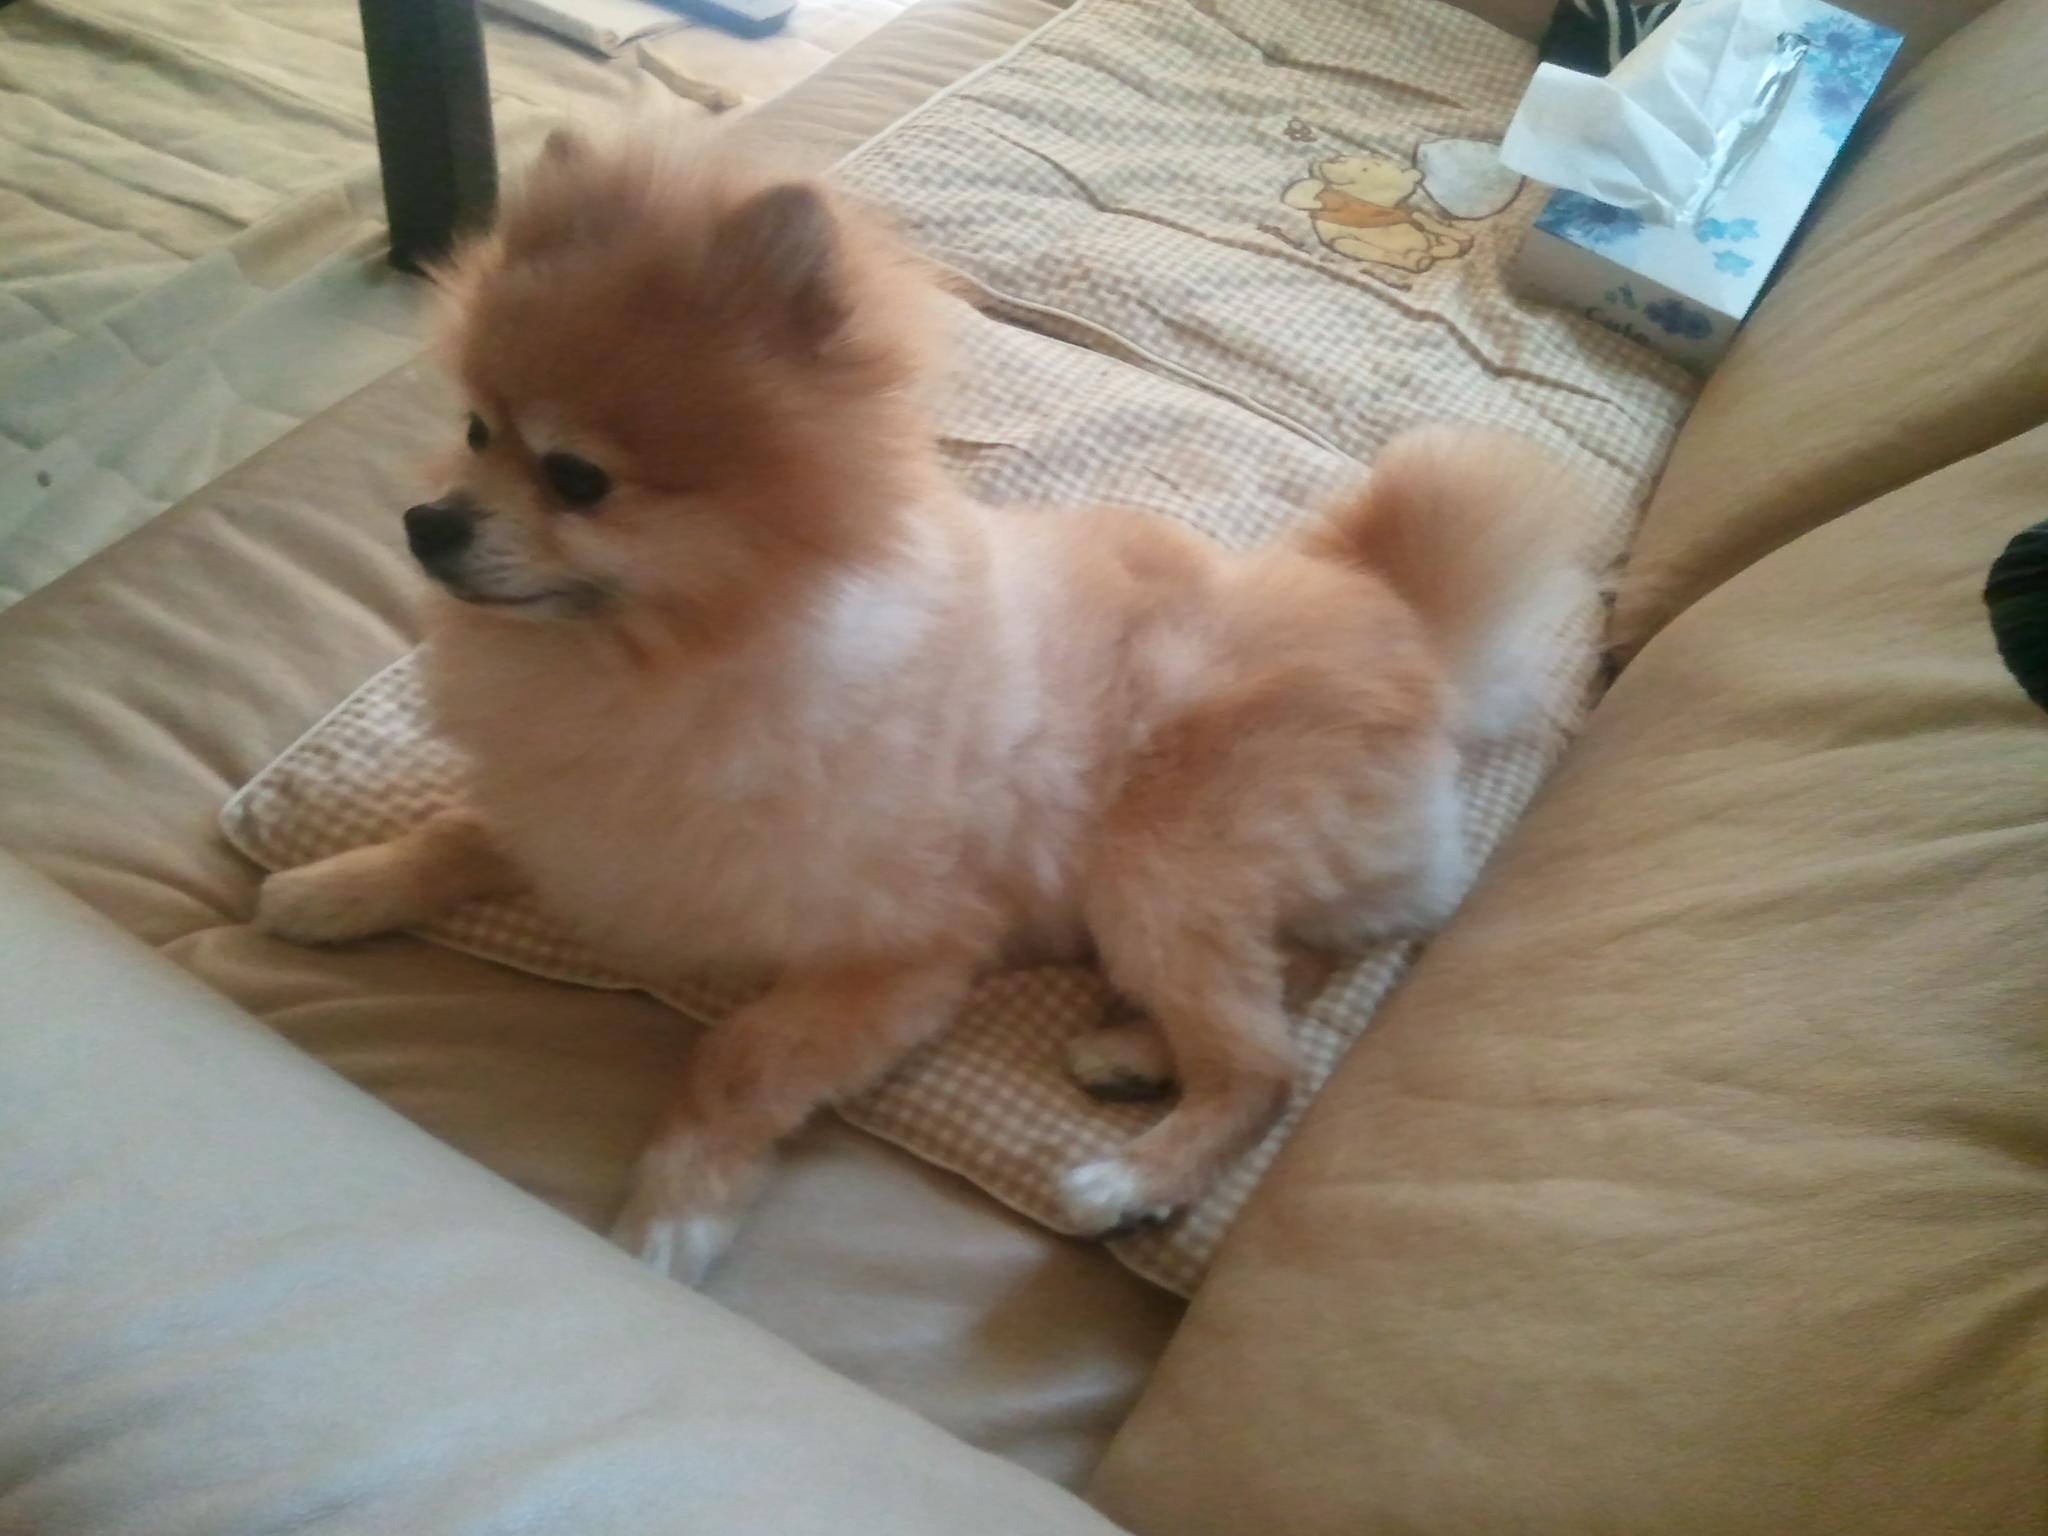 犬の病気,食欲不振,対処,対応,処置,ペット,ポメラニアン,可愛い,好き